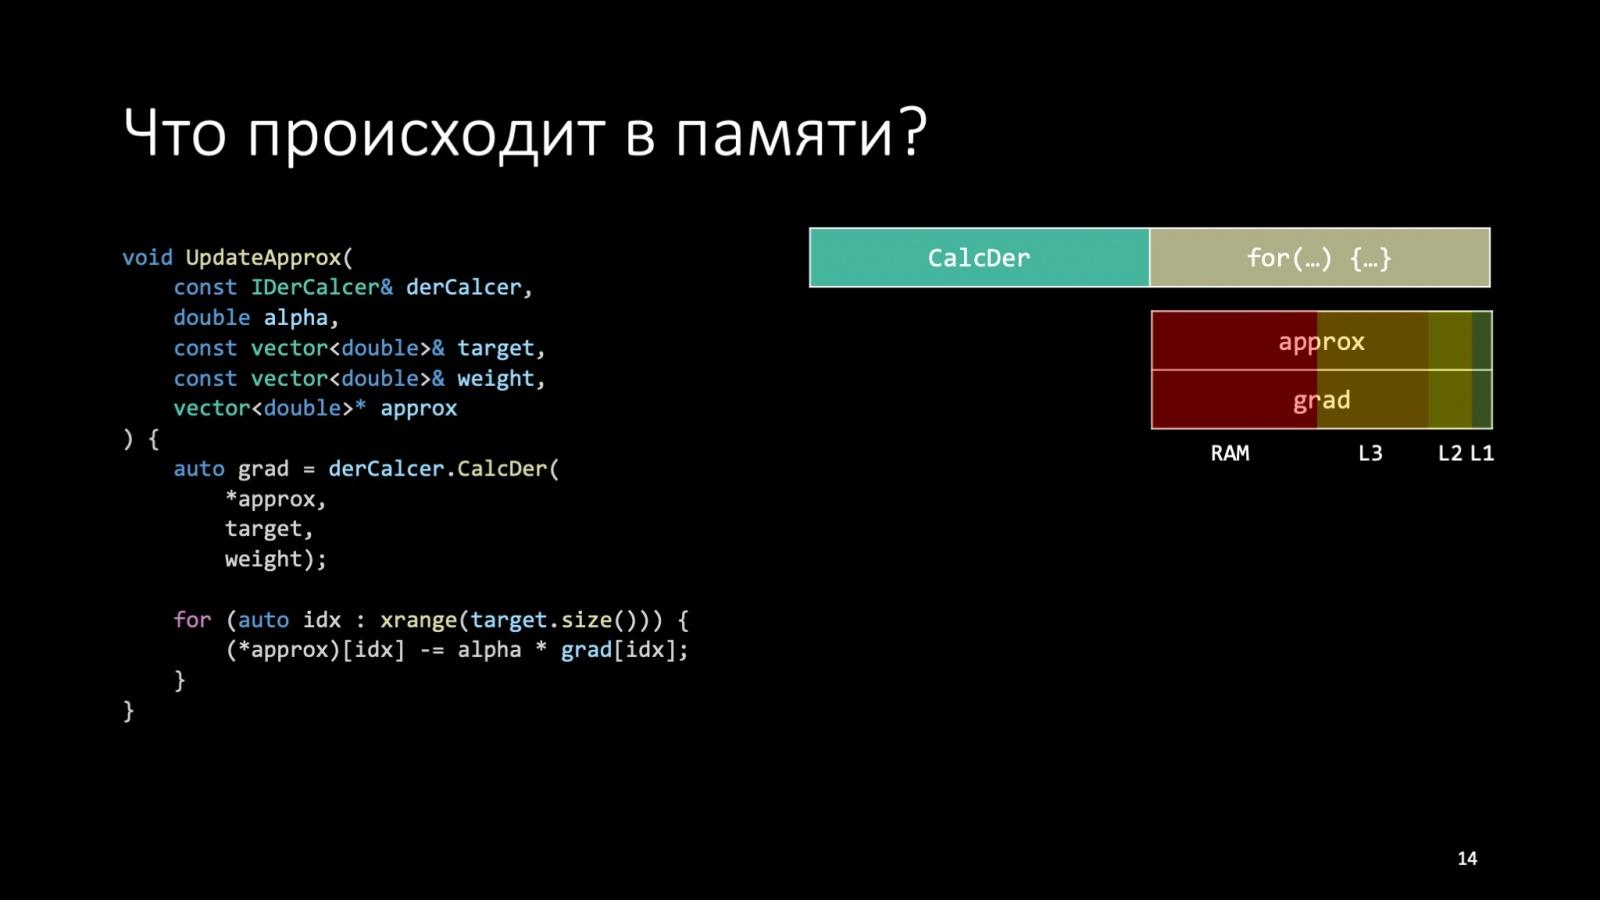 Оптимизация C++: совмещаем скорость и высокий уровень. Доклад Яндекса - 14